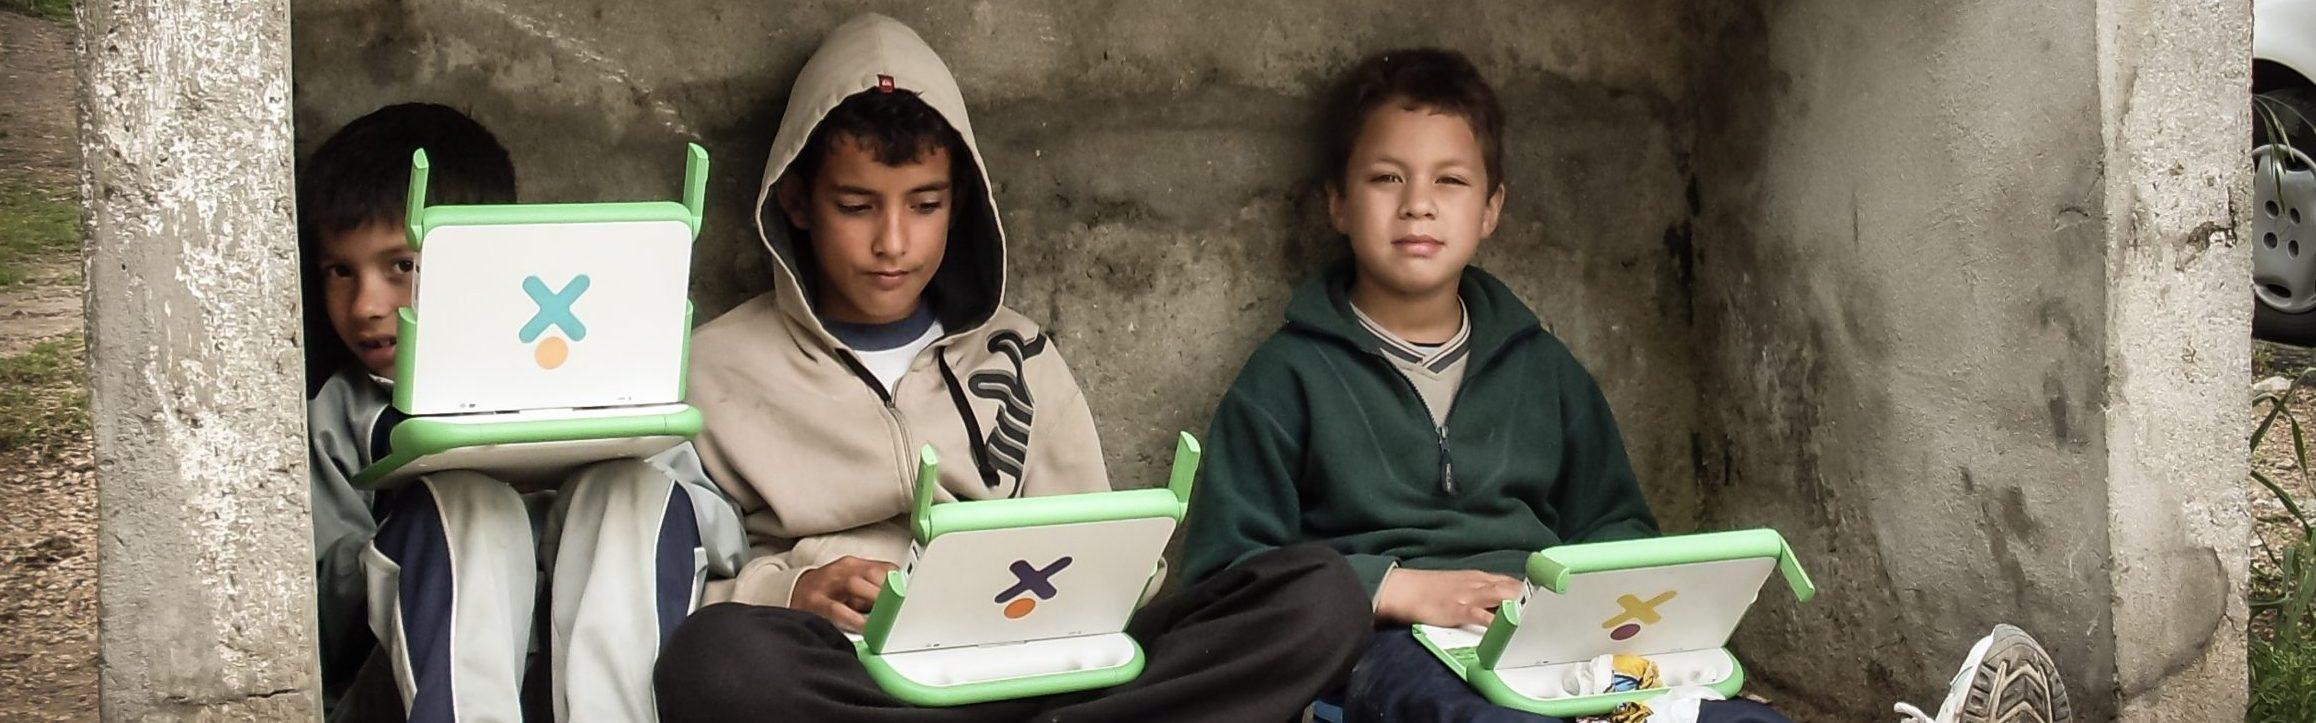 Niños usando laptops